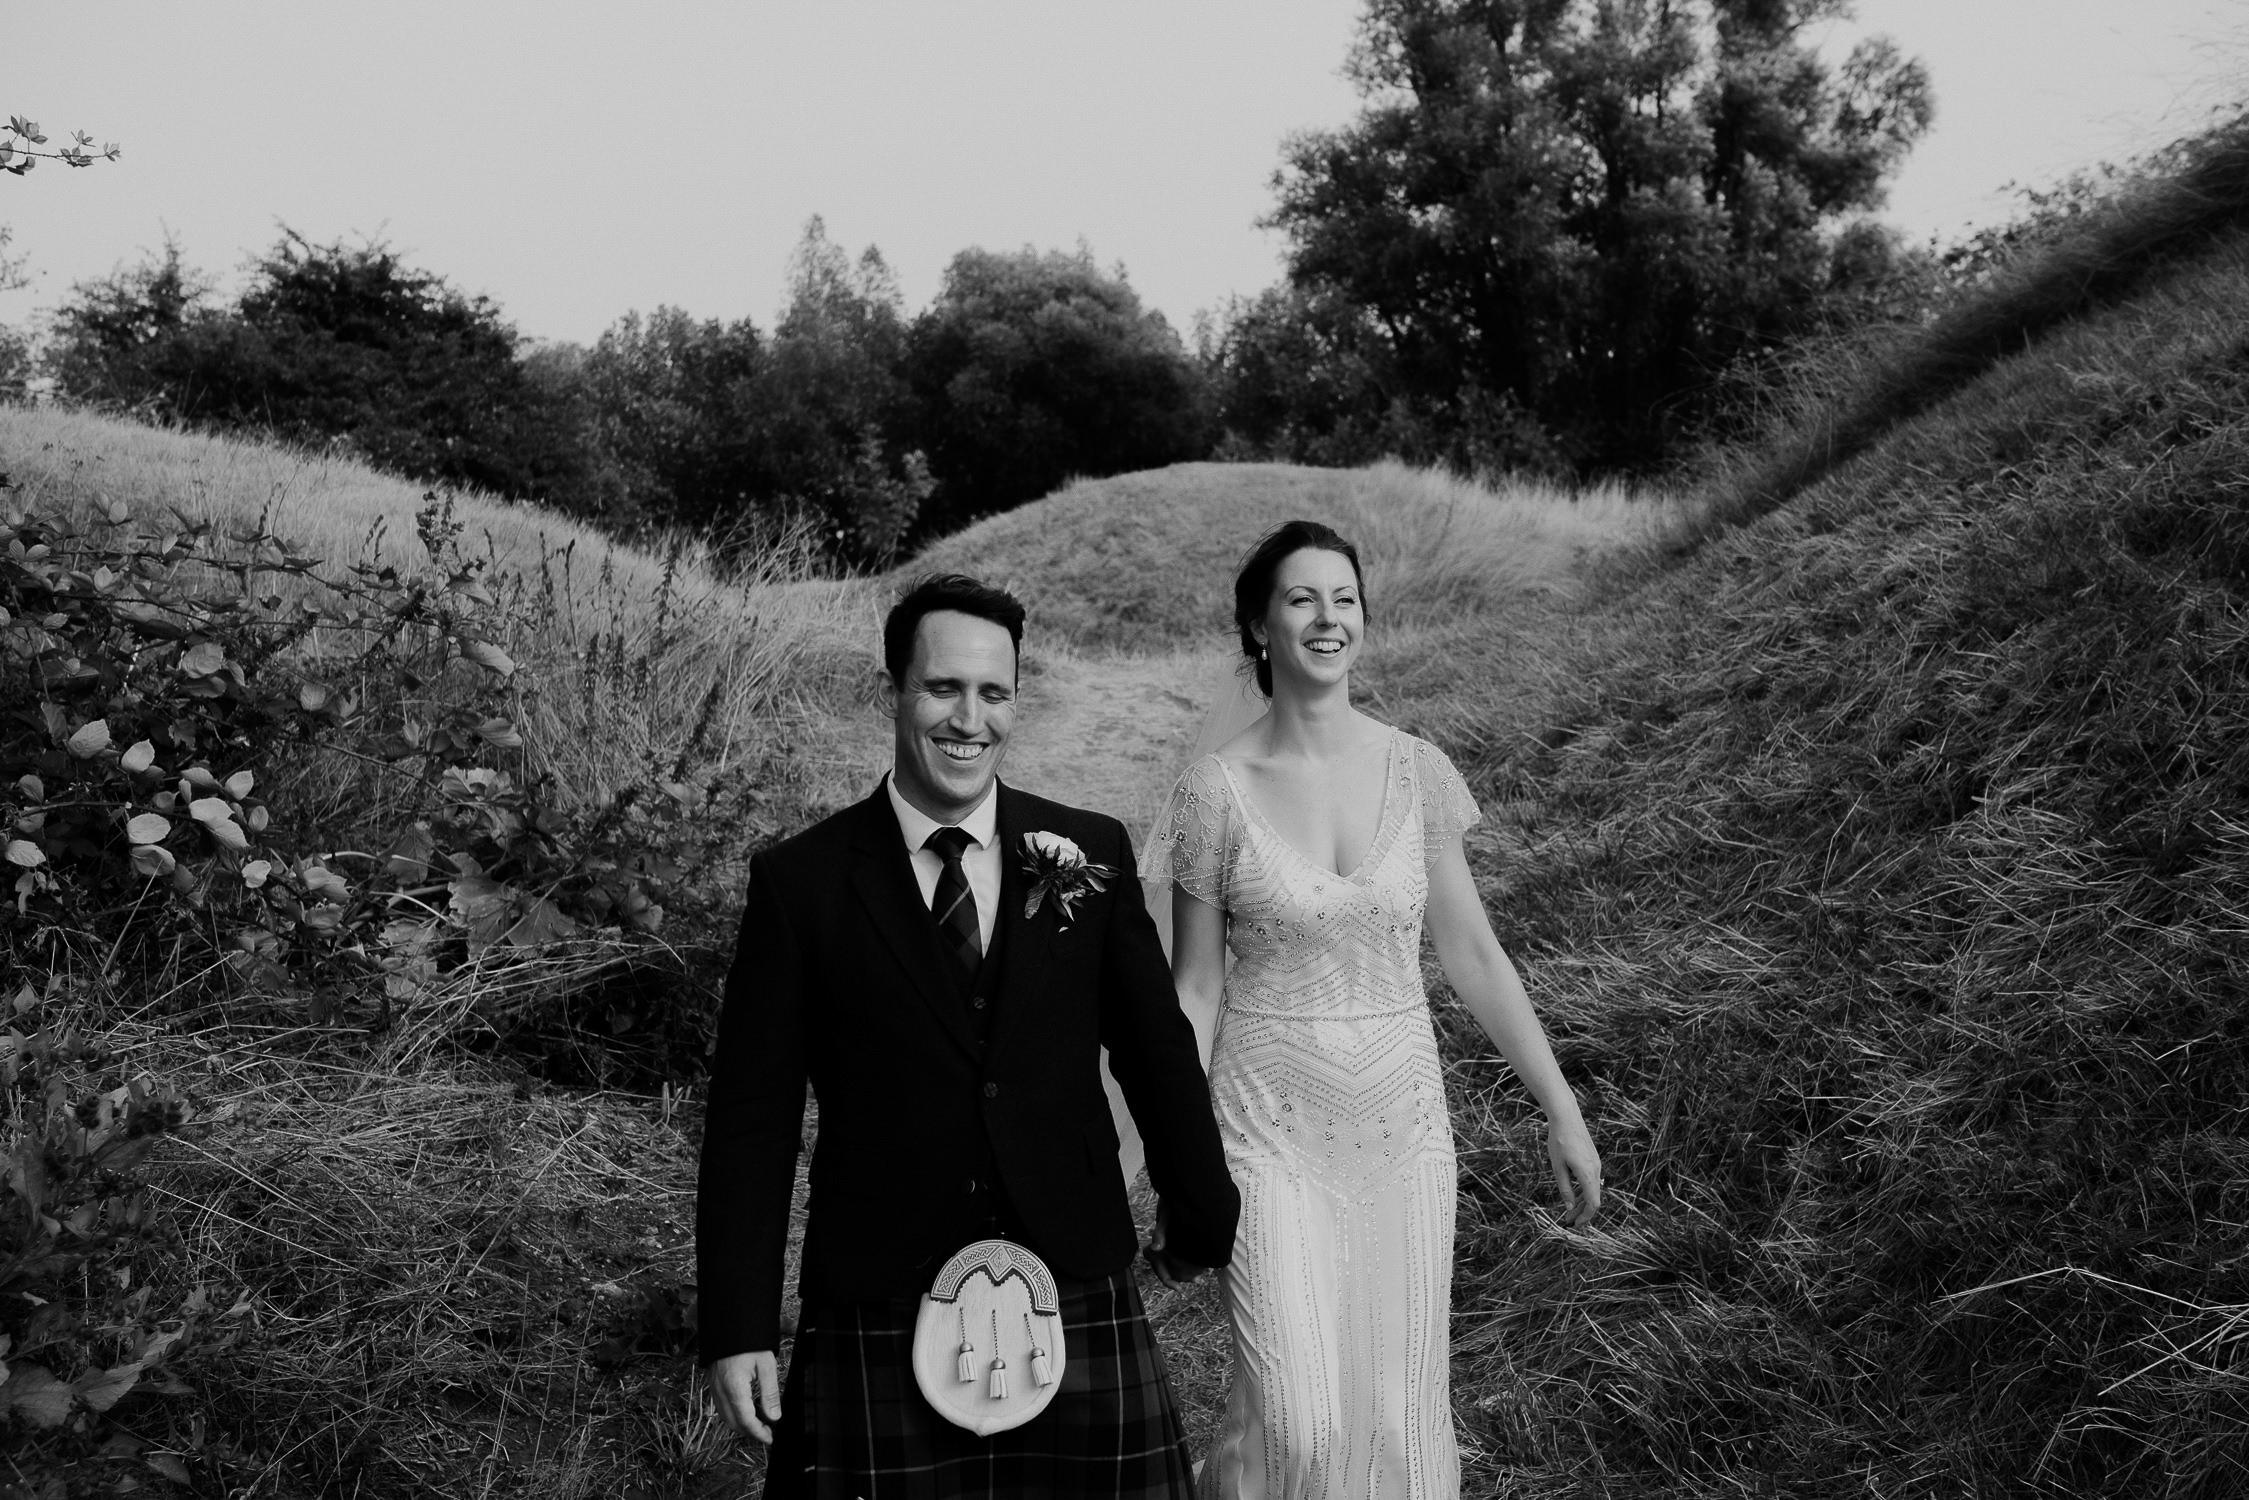 Prachtige bruiloftraportages door fotograaf Mark Hadden